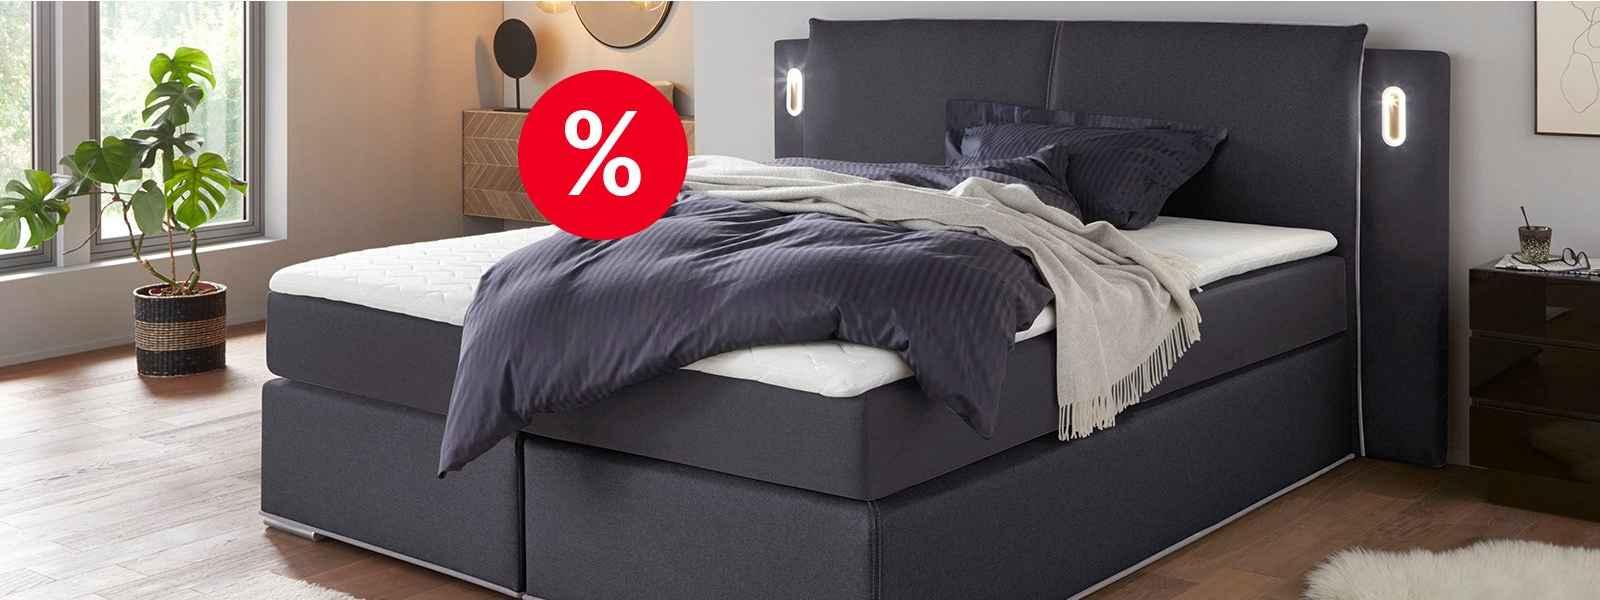 % Betten